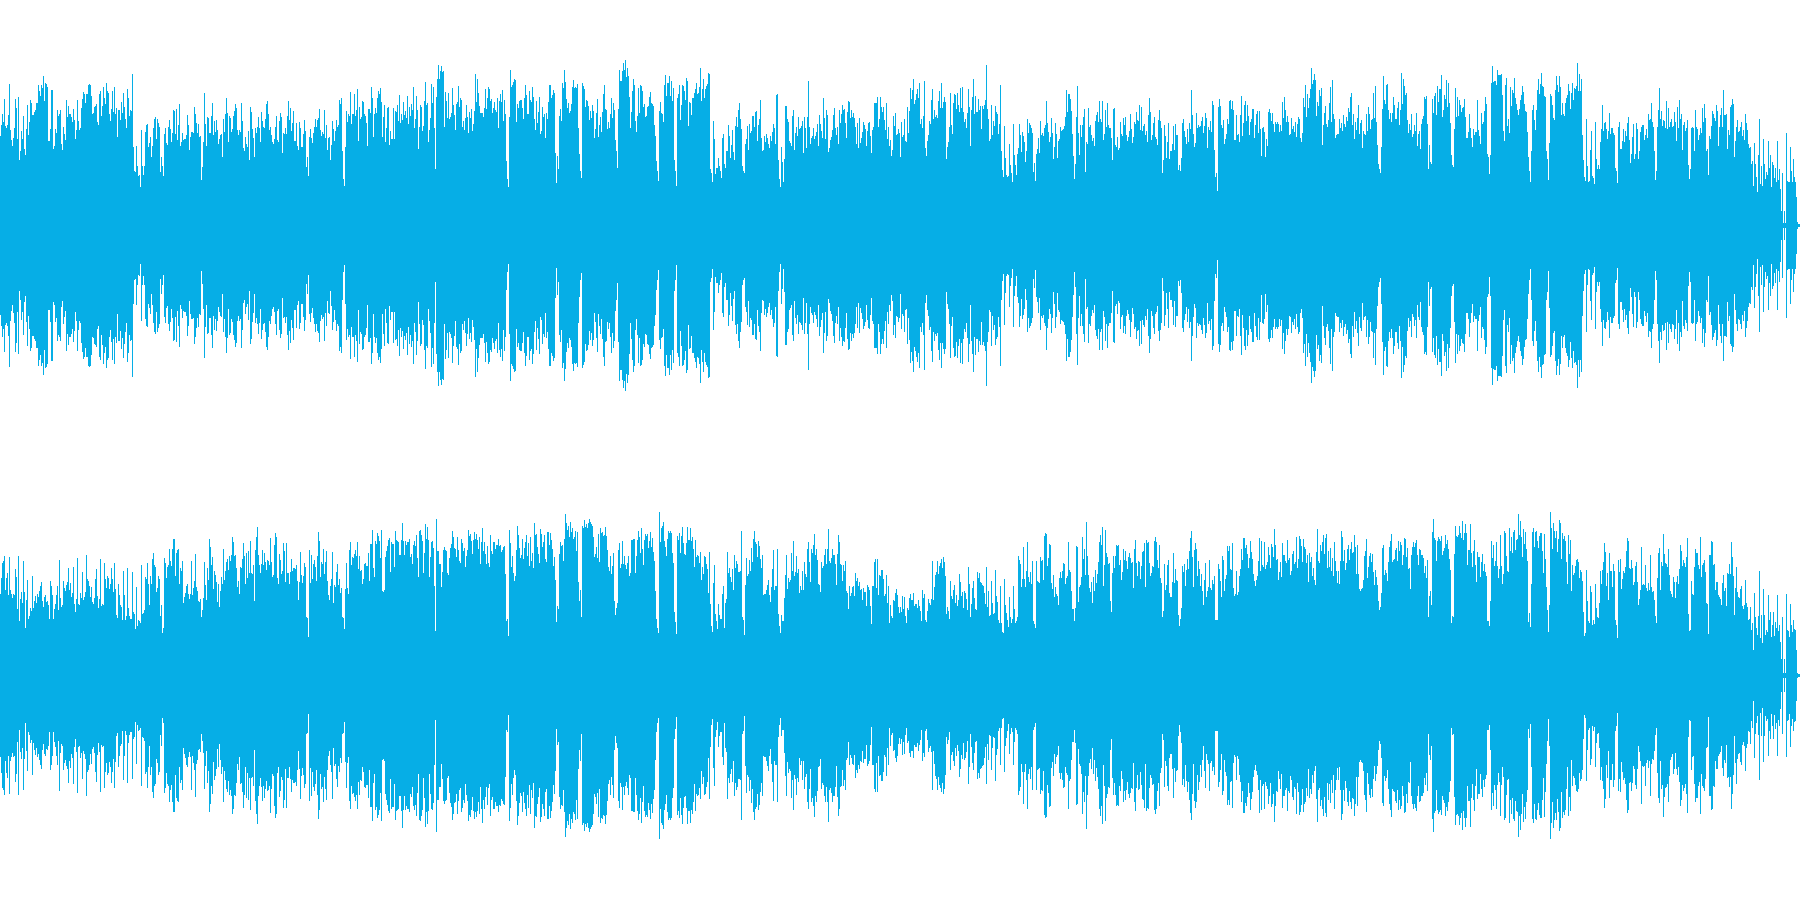 管楽器中心の疾走感あるメロディアスな楽曲の再生済みの波形